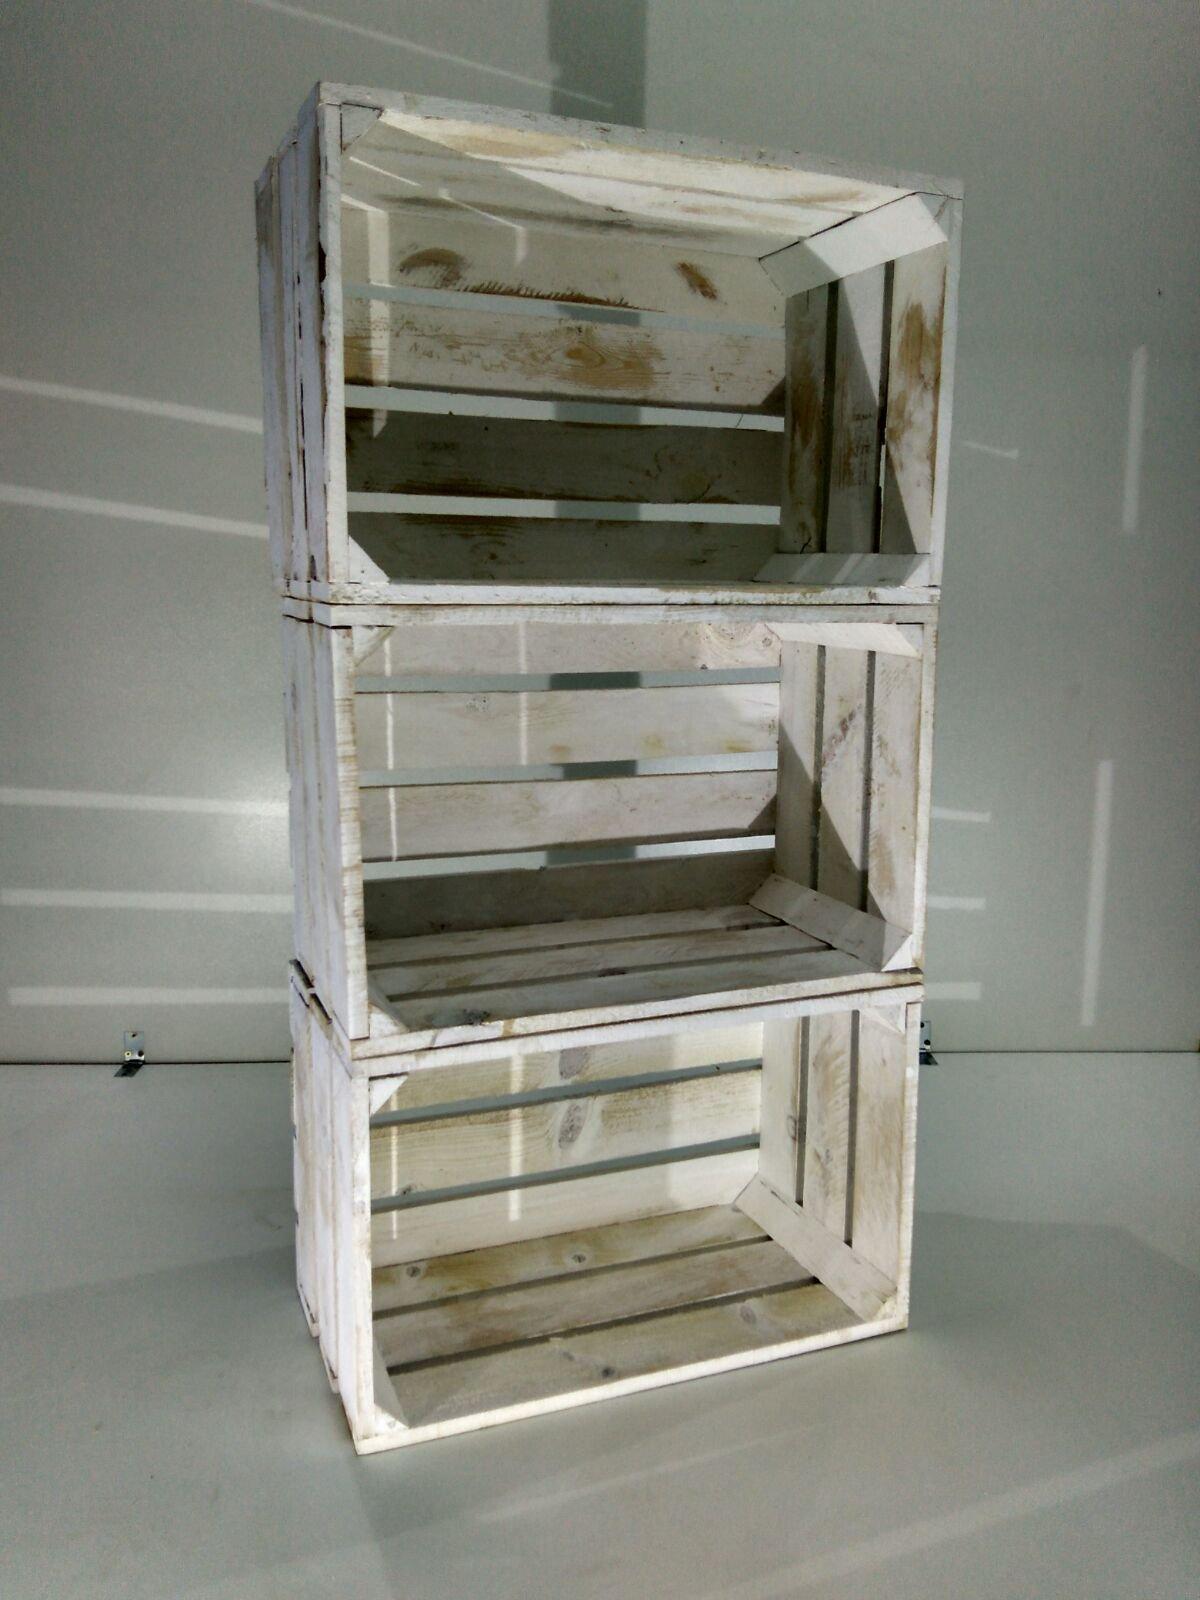 Lote 3 Cajas DE Fruta Madera Pino Blanco Vintage: Amazon.es: Hogar